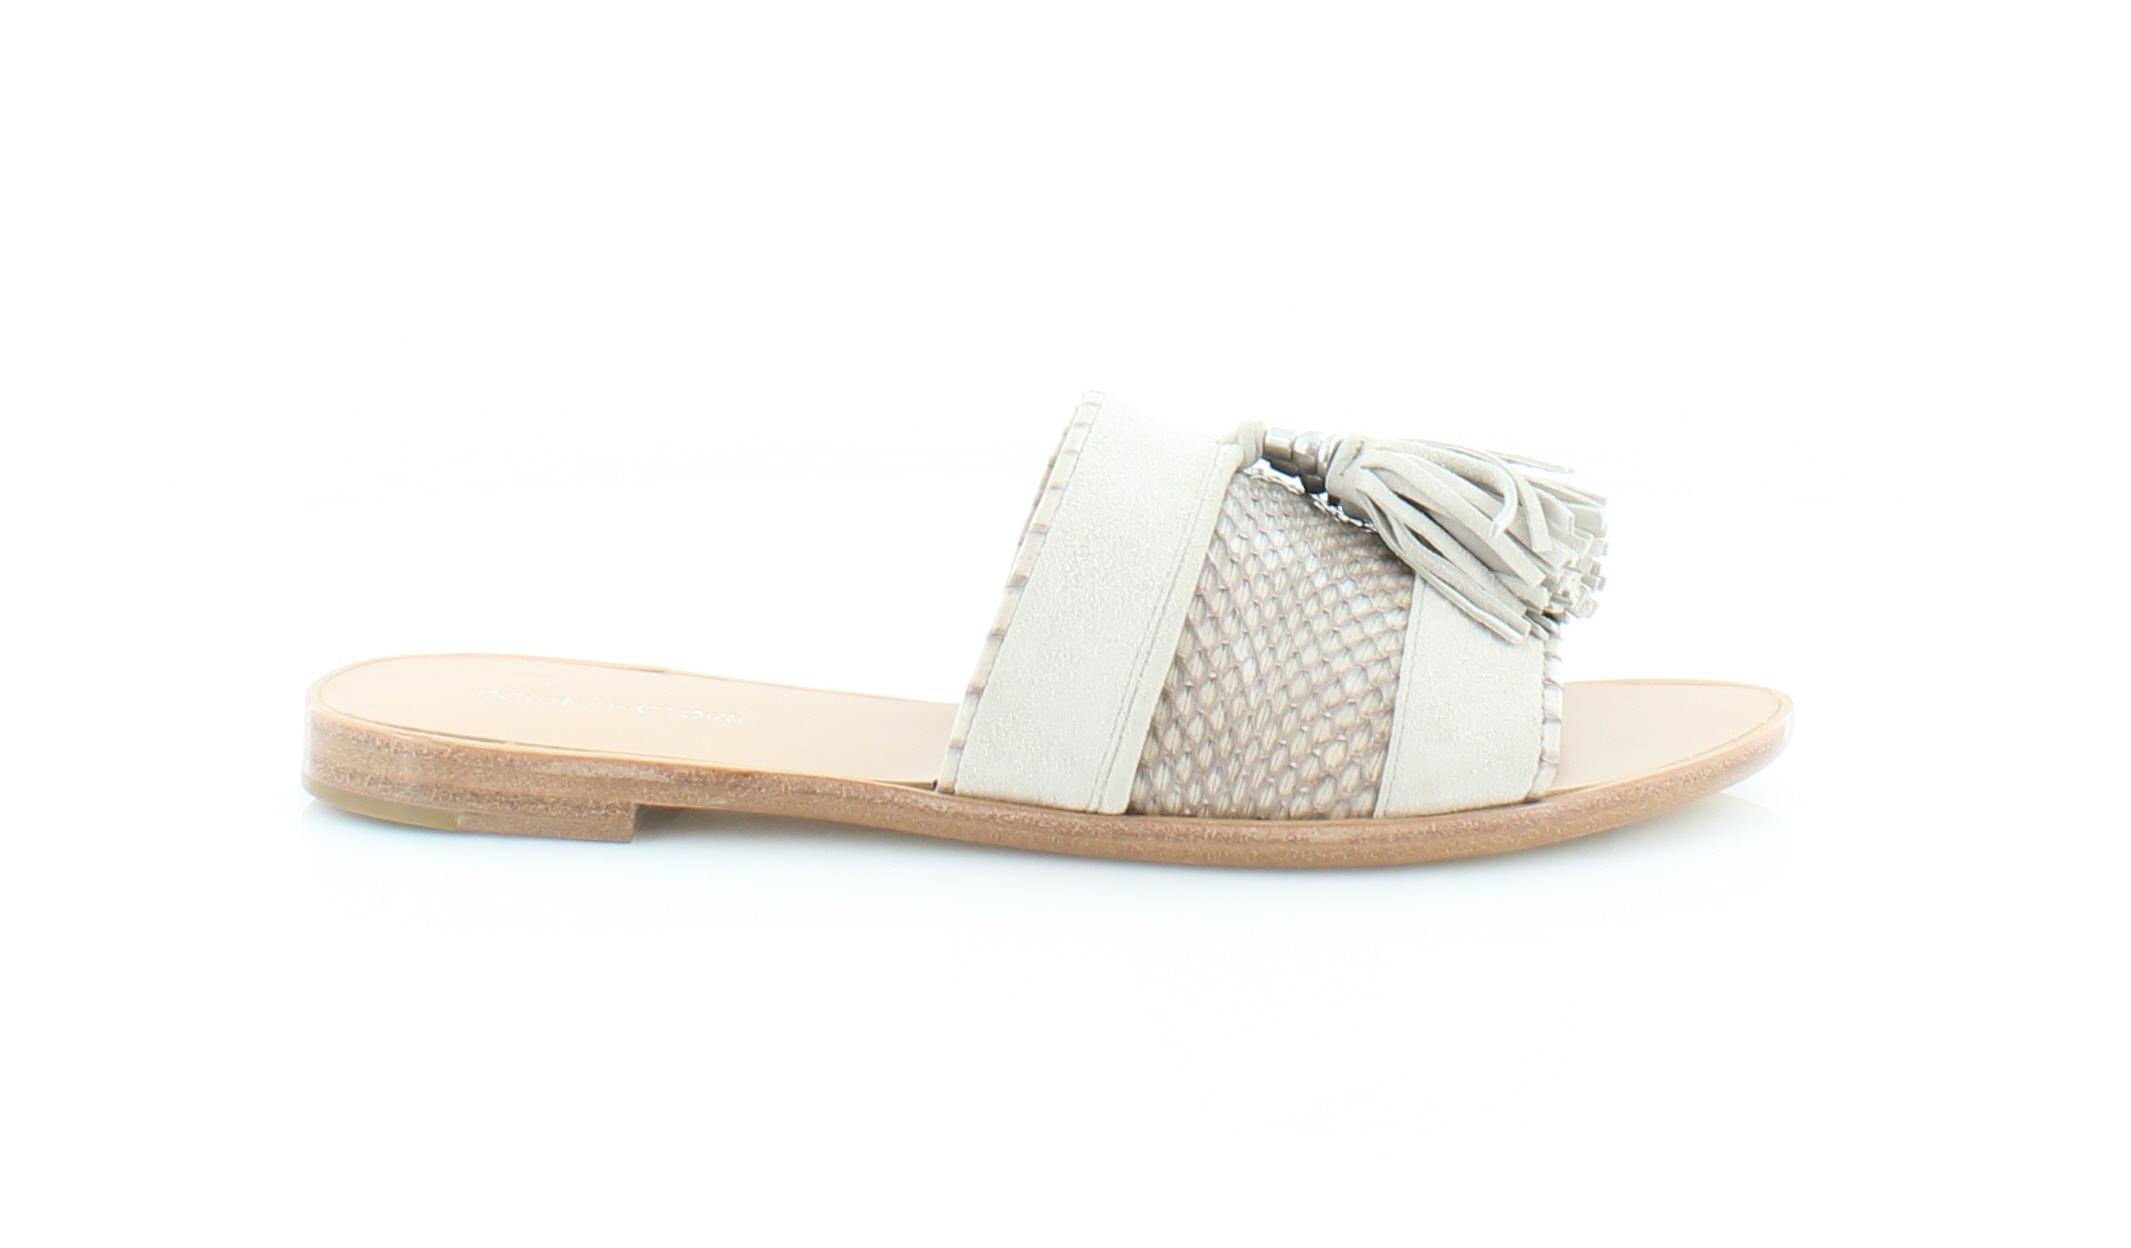 Shoes Brown Womens Victoire 8 New Pour Msrp Lake M La Size Sandals wqIXYwx7